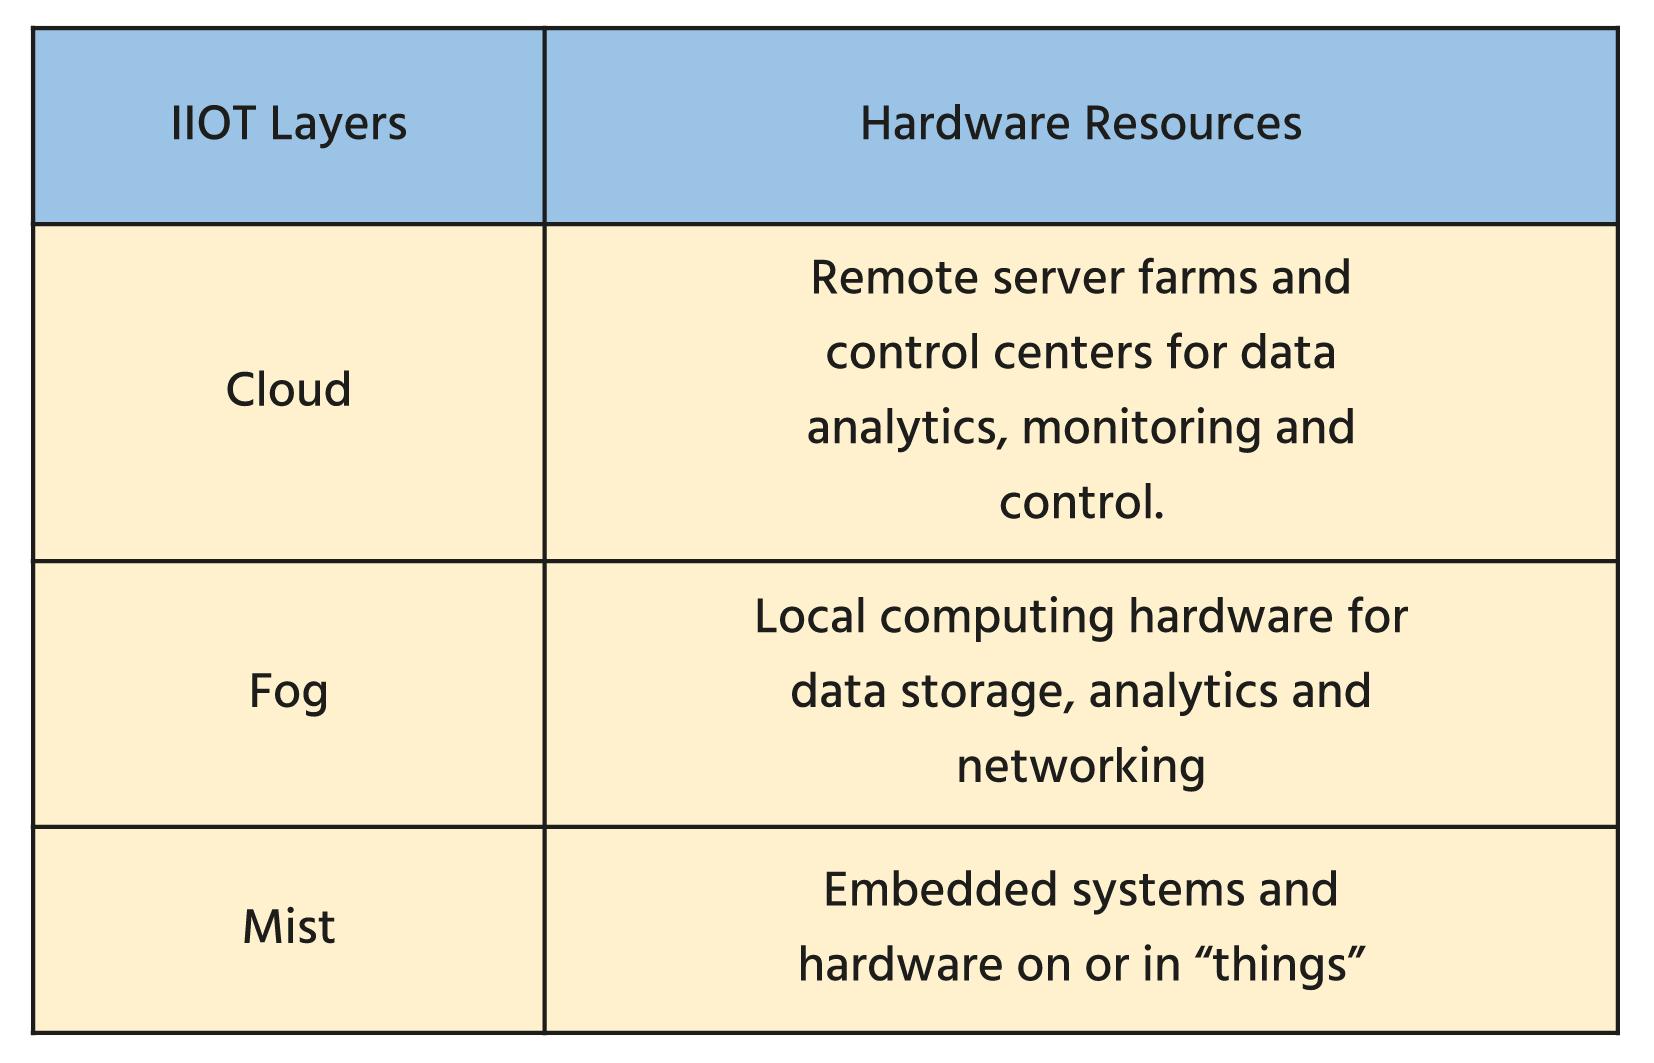 Hardware für Fog- und Mist-Computing im IIoT - IoT Design